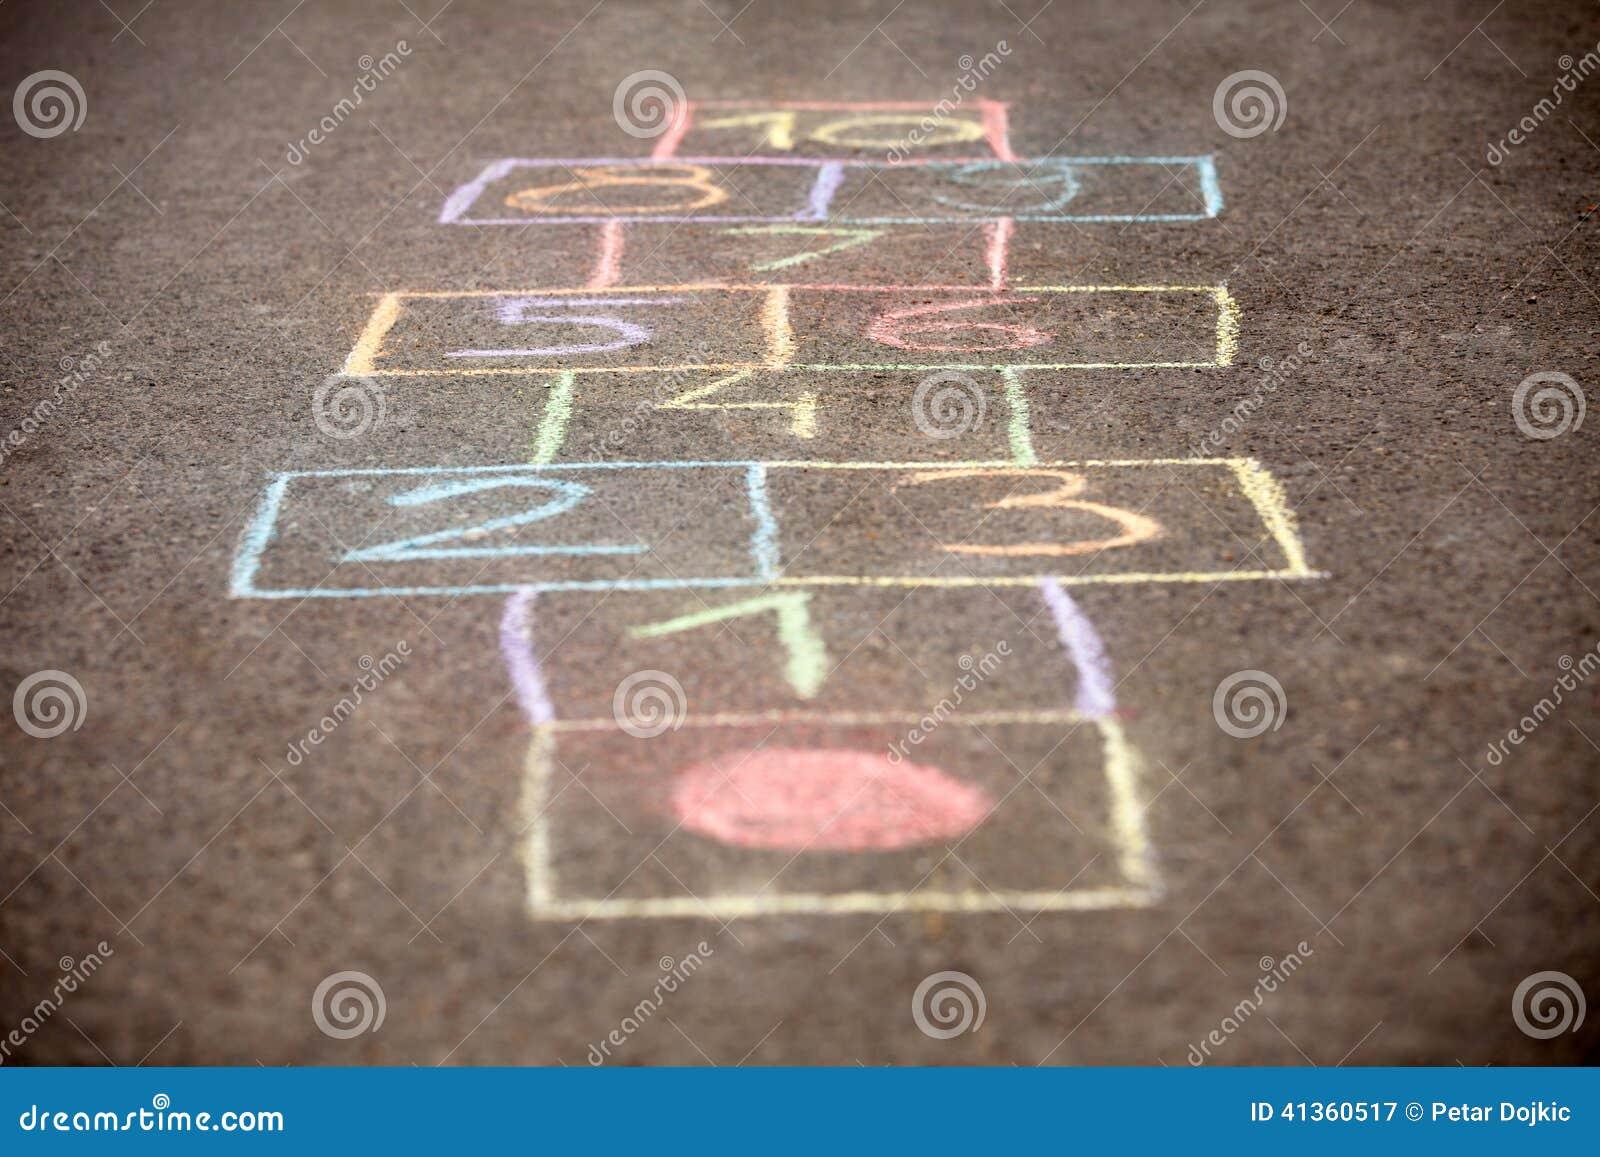 Hopscotch Chalk